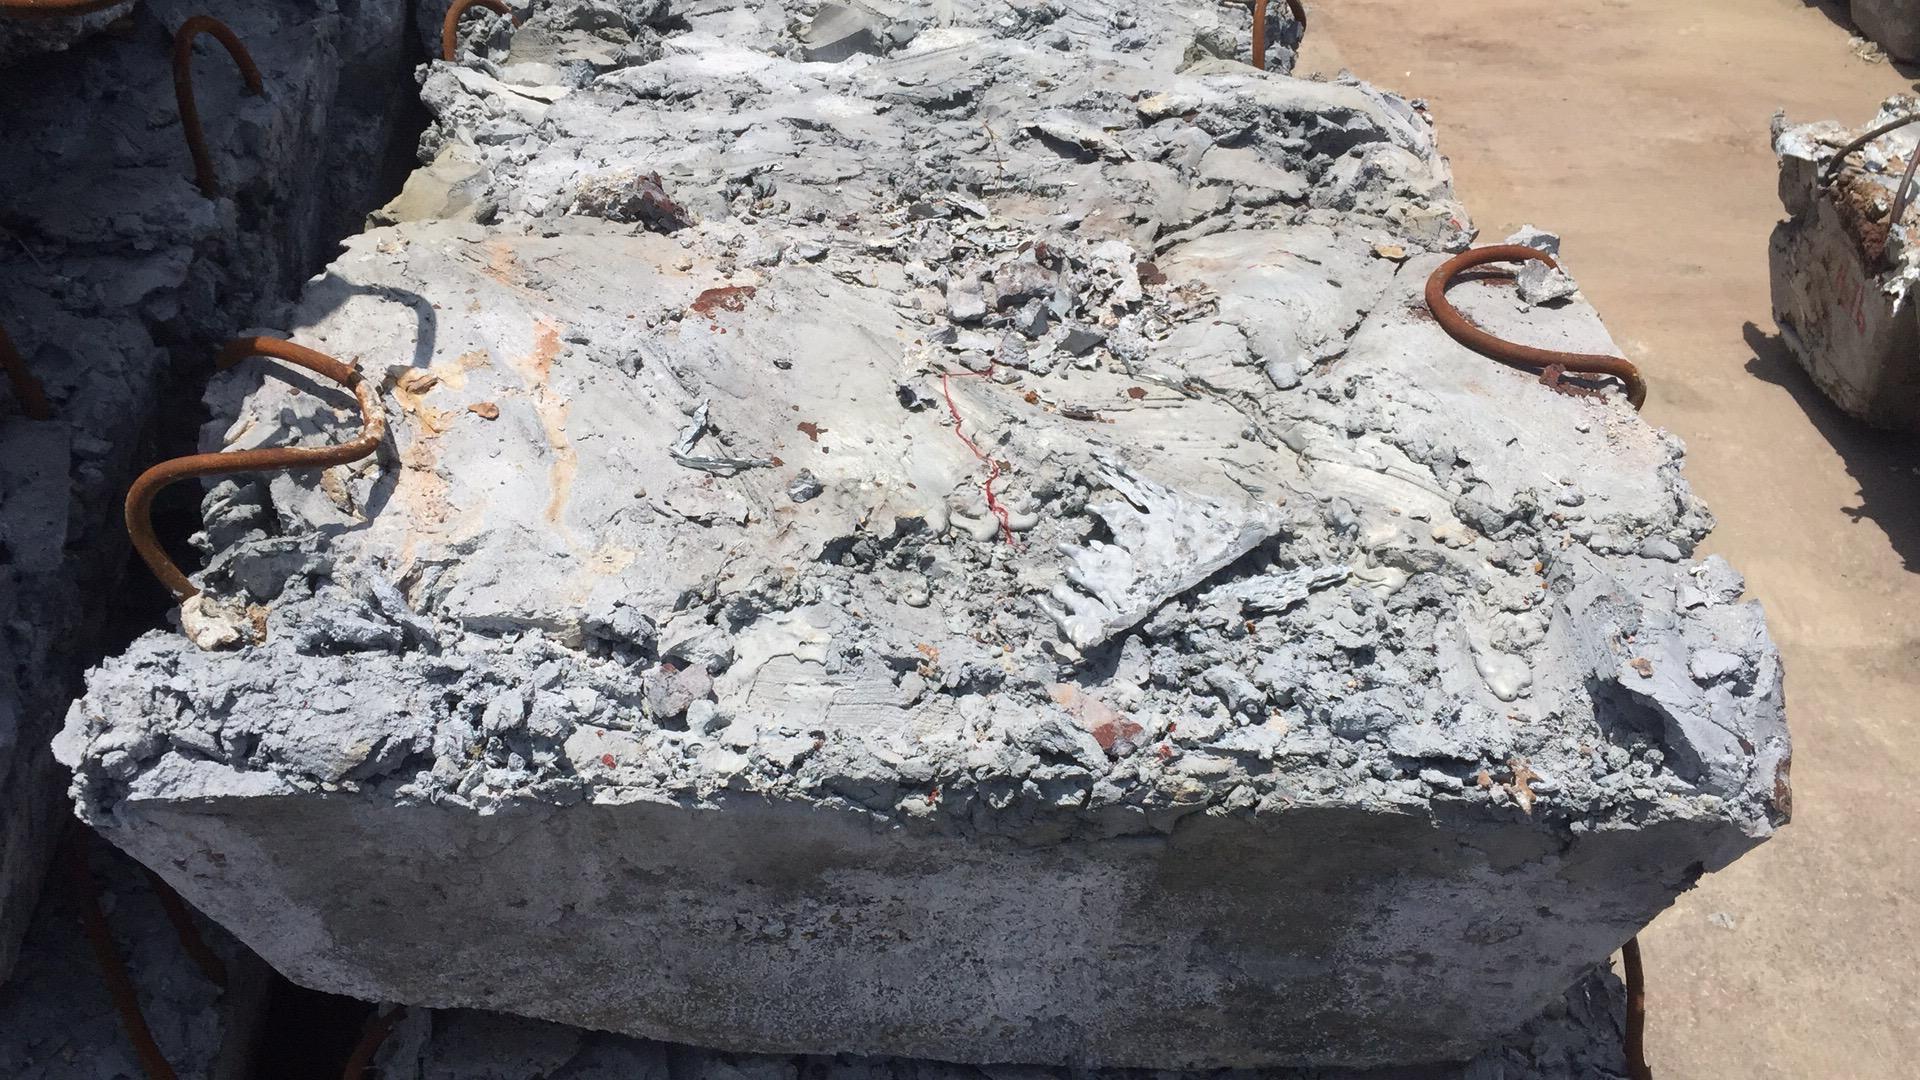 长期出售锌粉、粗锌(锌渣)、粗氧化锌(黄灰)、废钢铁等有需要的可联系13757293268微信同号!欢迎咨询合作。